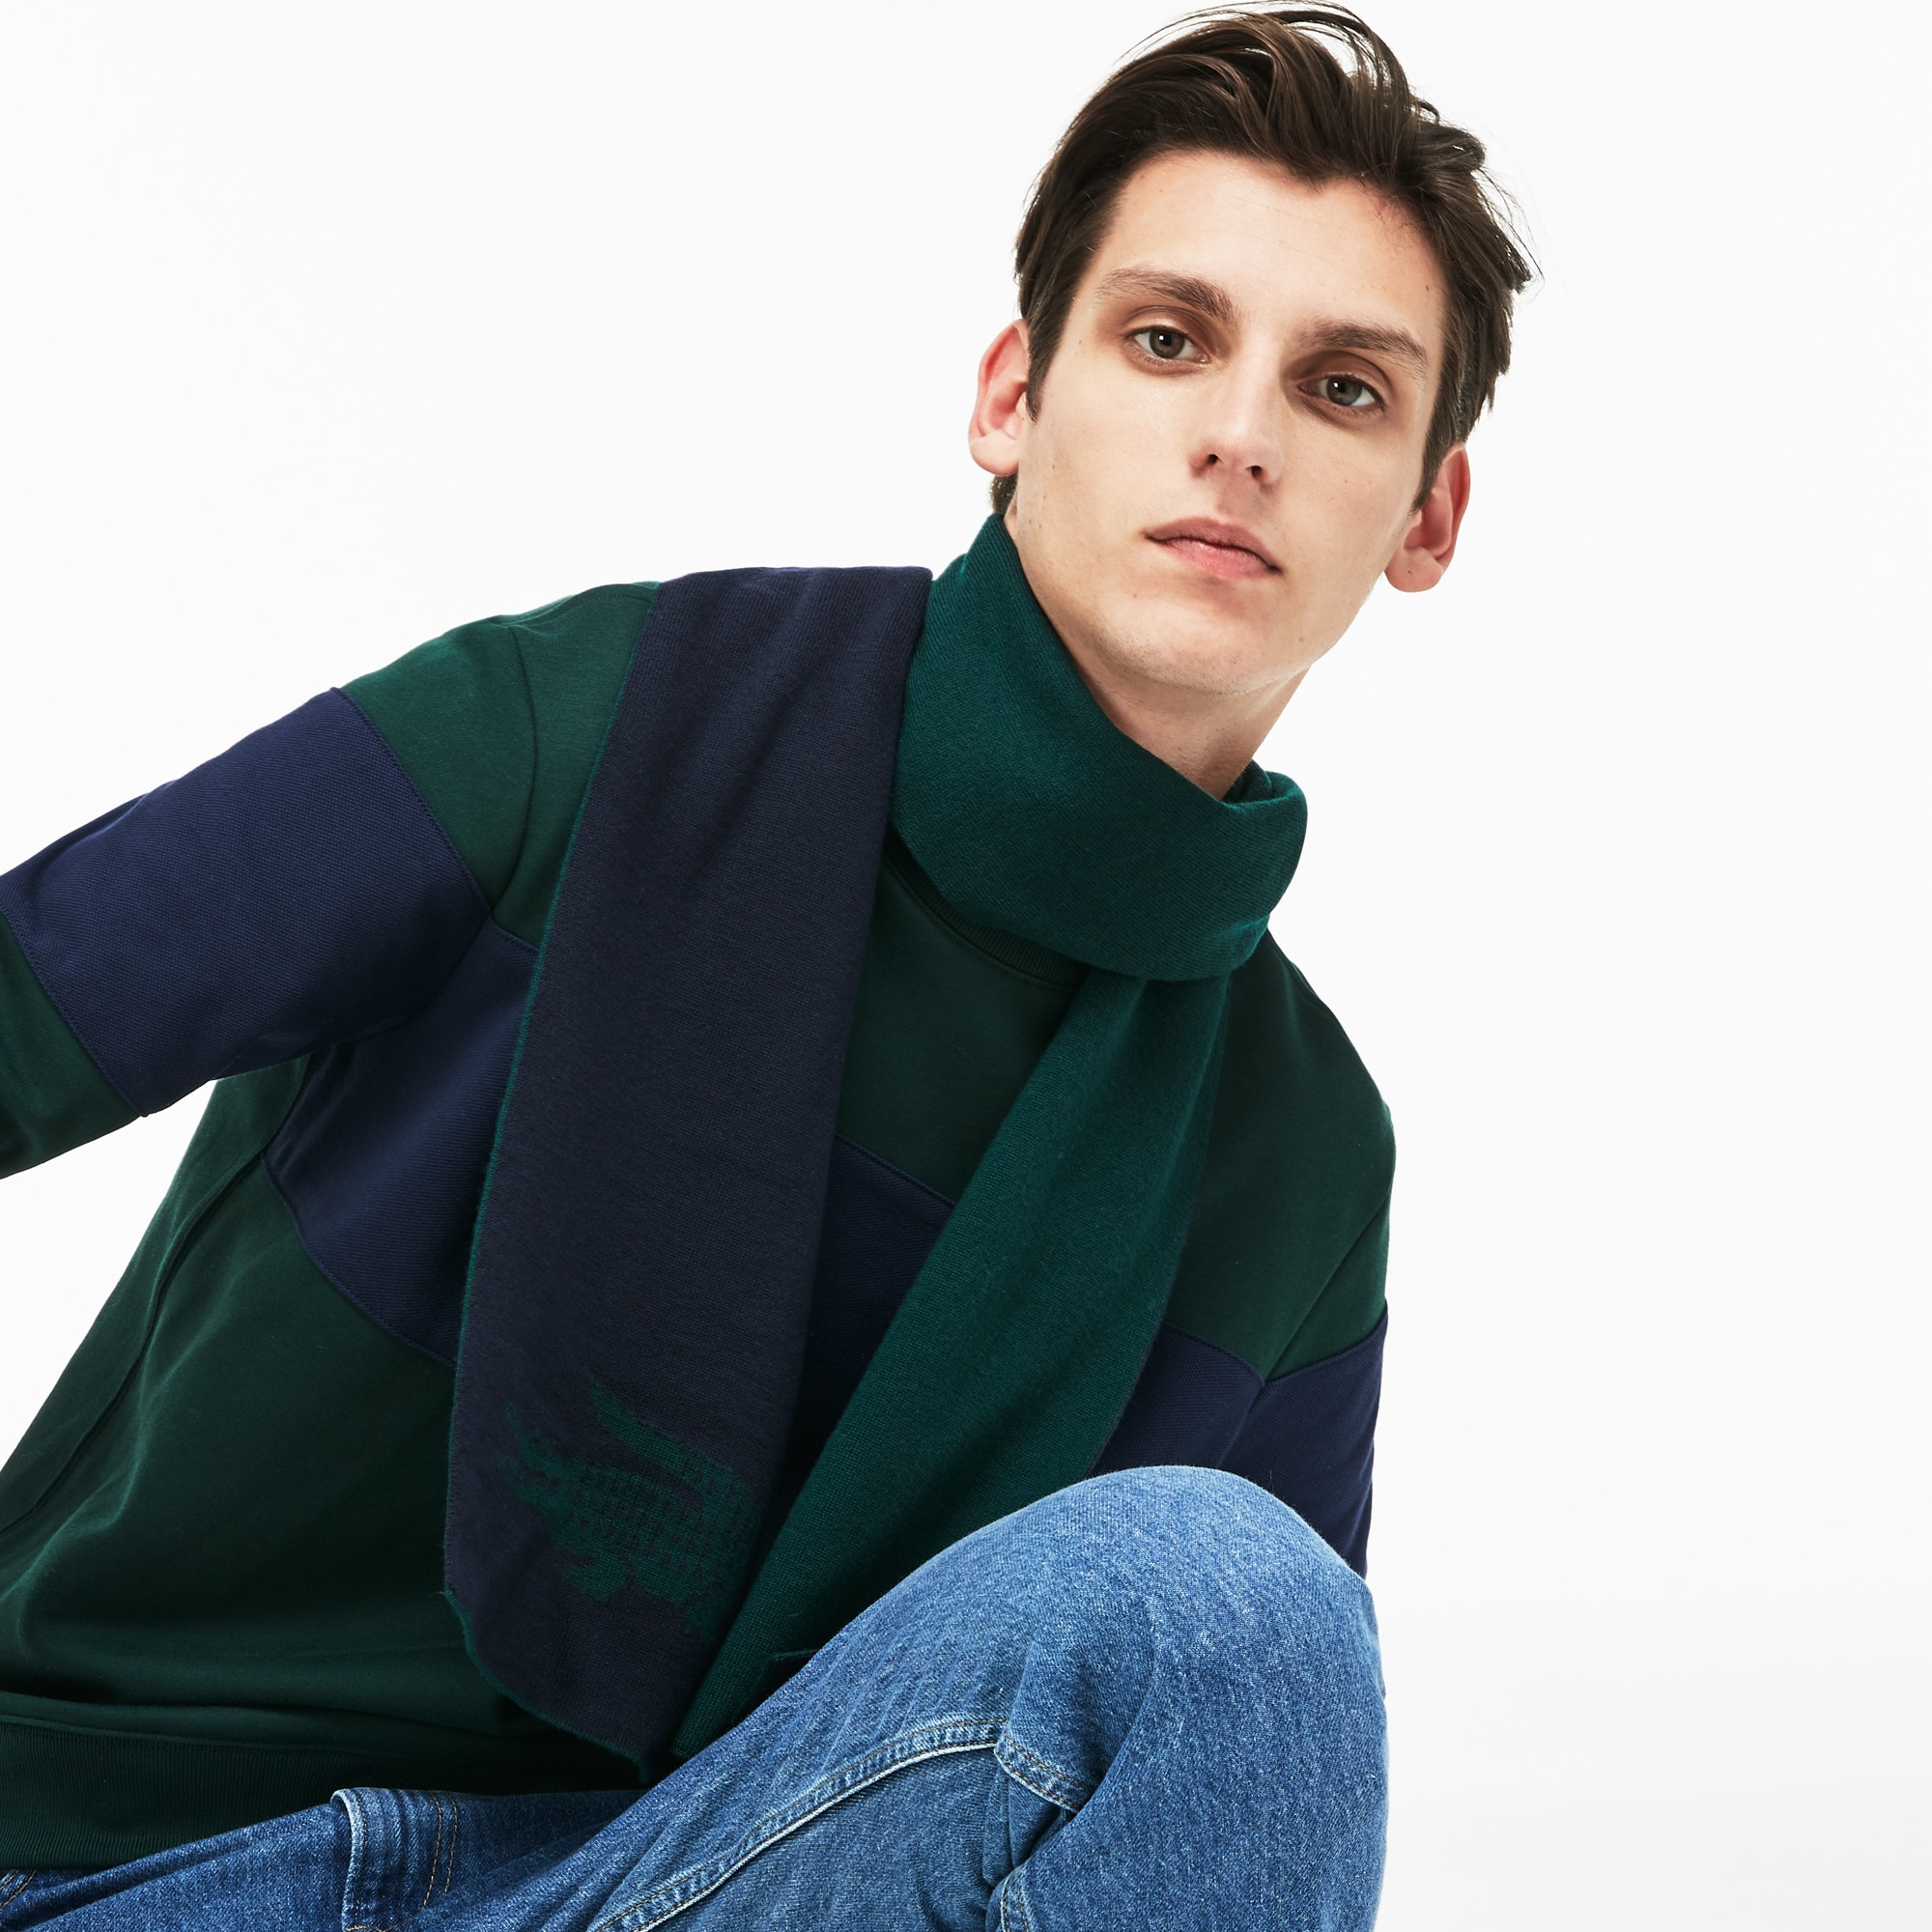 Bufanda de hombre de lana con cocodrilo de jacquard